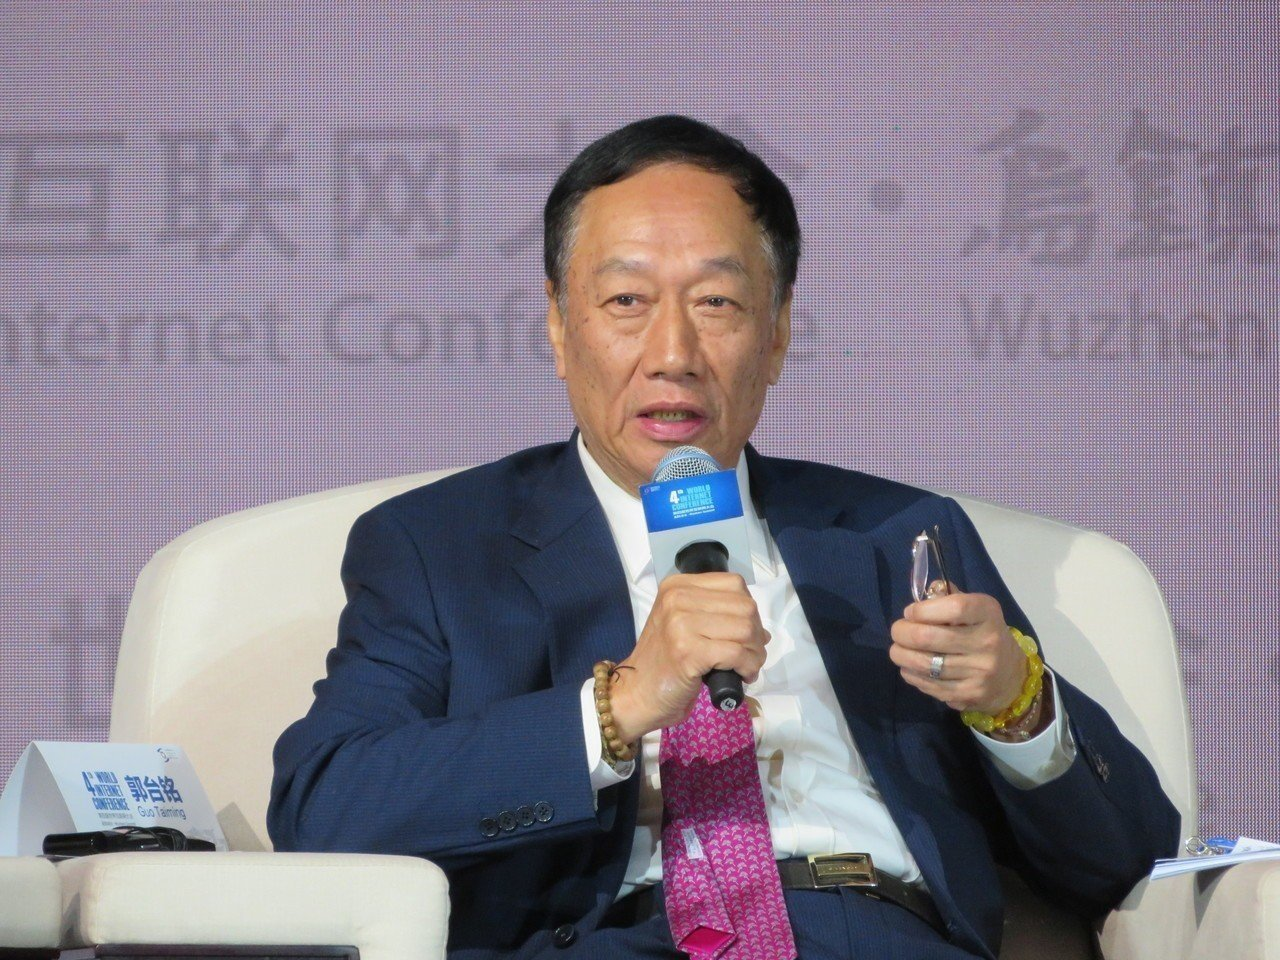 鴻海董事長郭台銘。(報系資料庫)